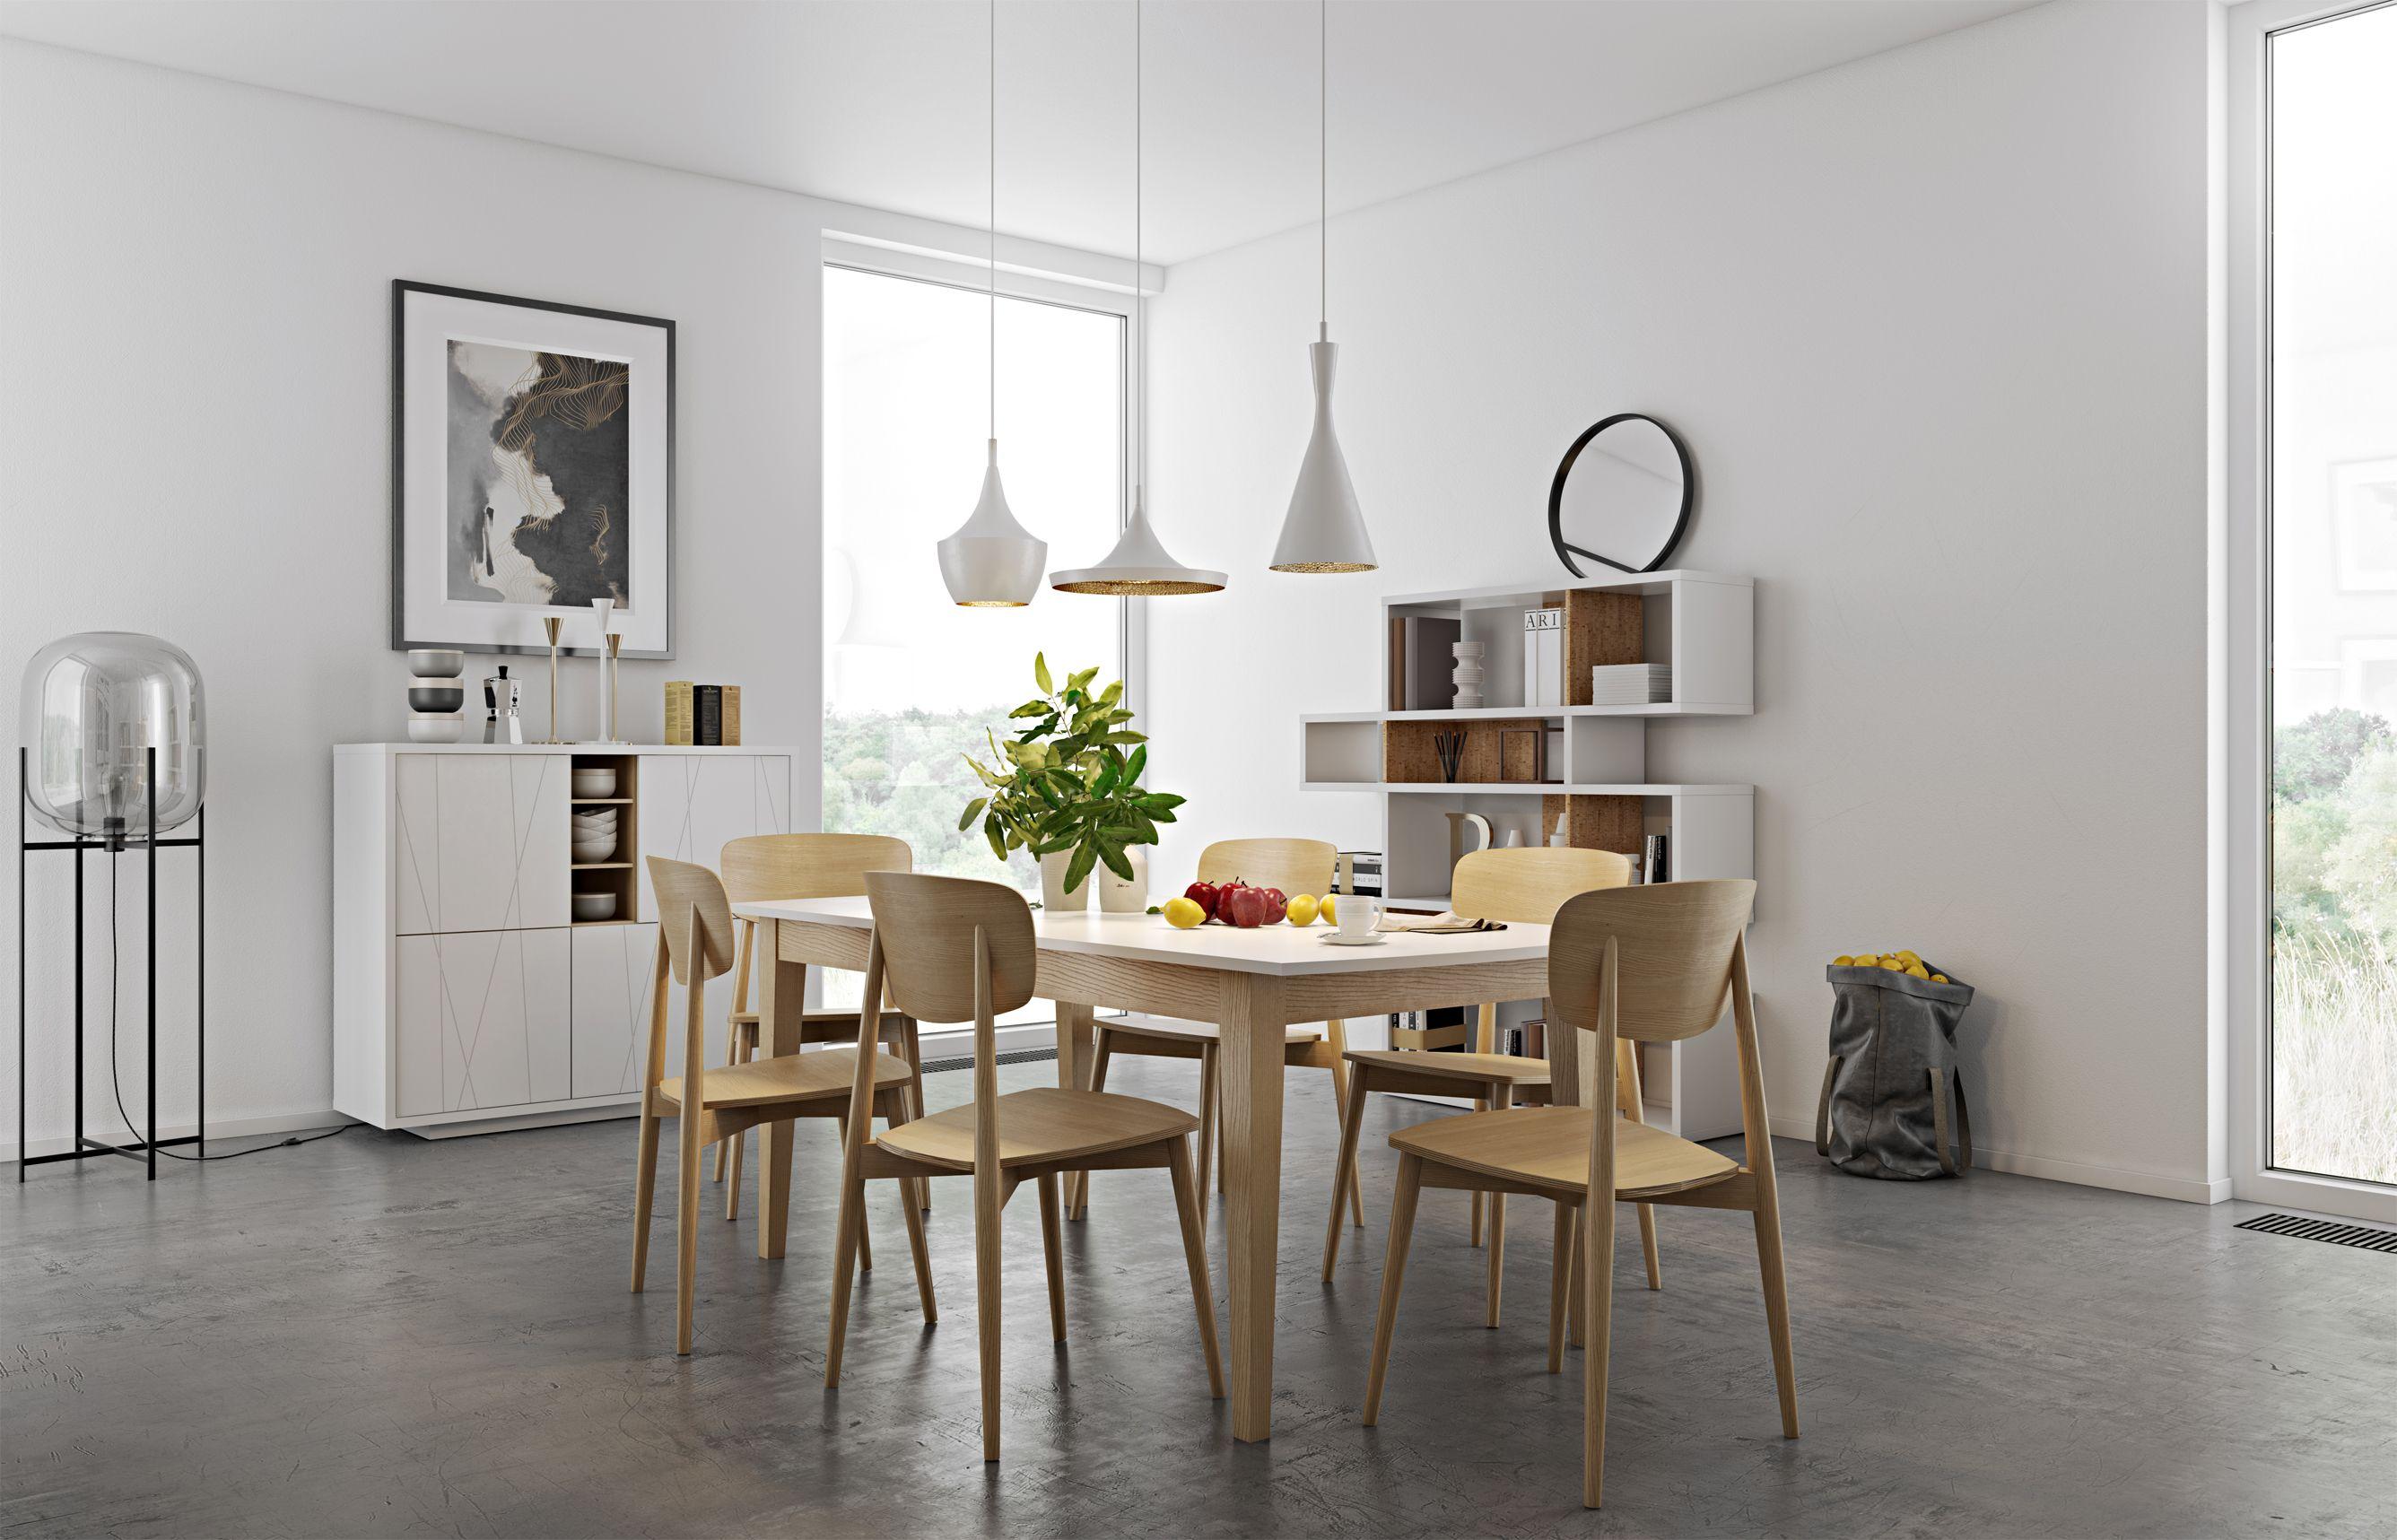 Ispirazione per una cucina nordica in legno chiaro e